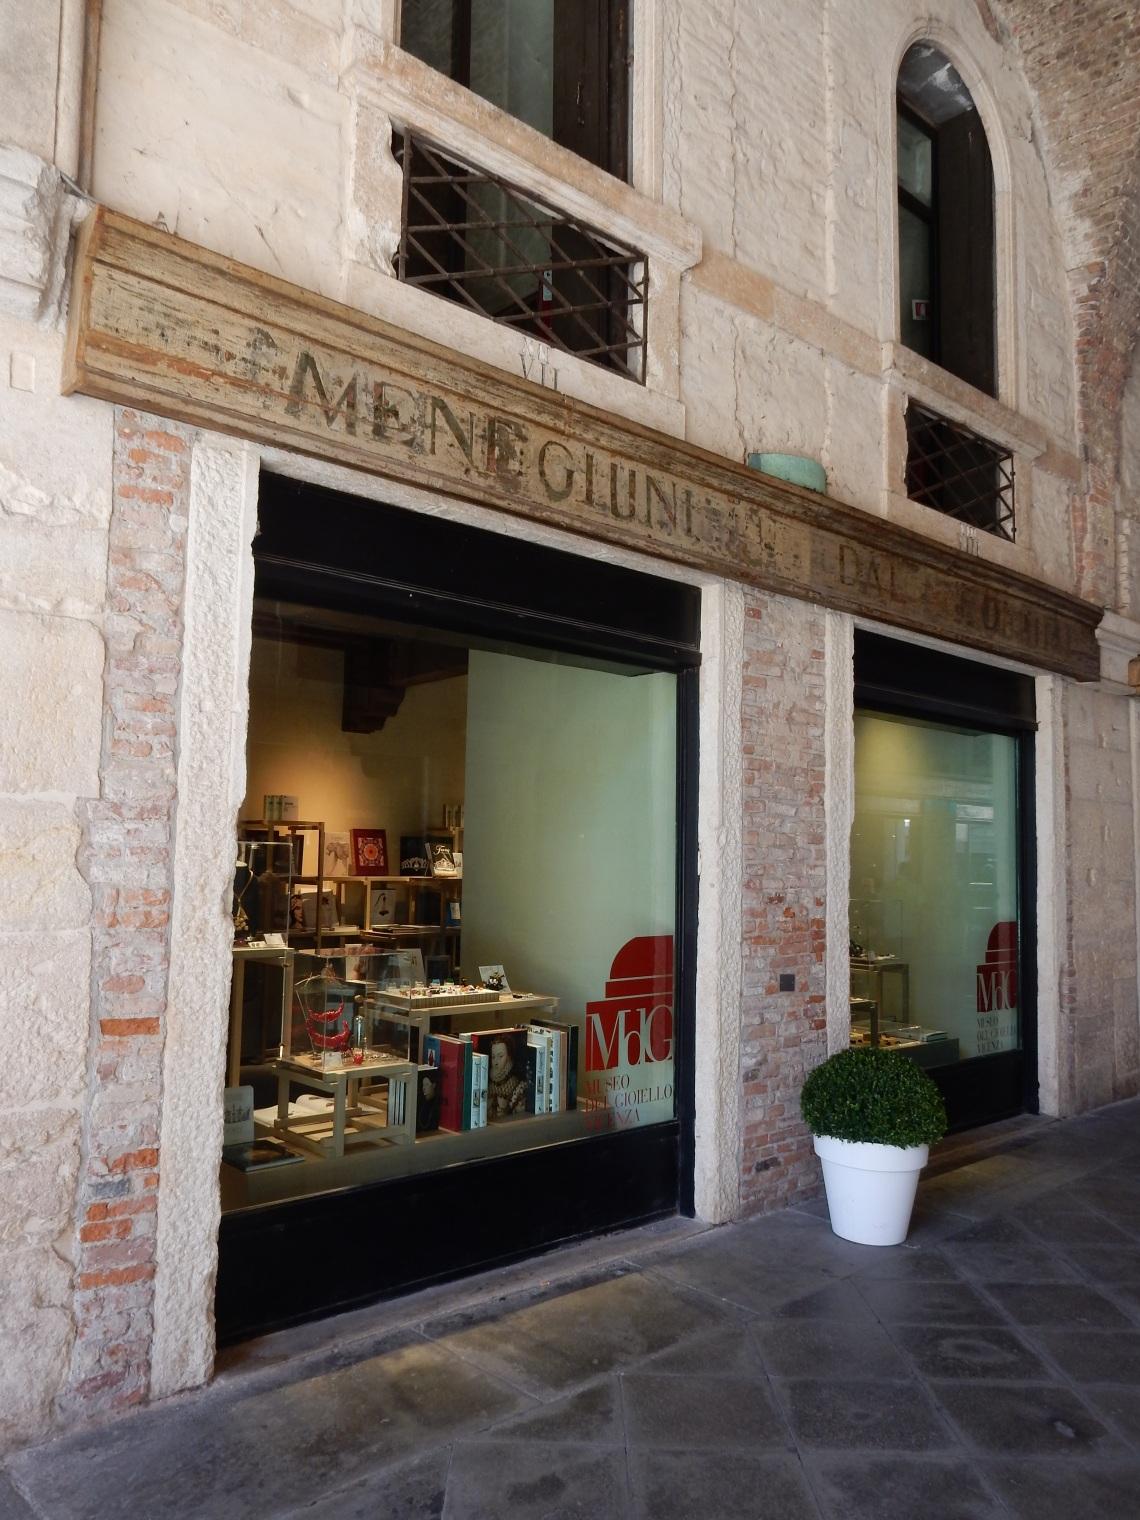 Museo del Gioiello, Vicenza. Foto met dank aan Coert Peter Krabbe, september 2018©